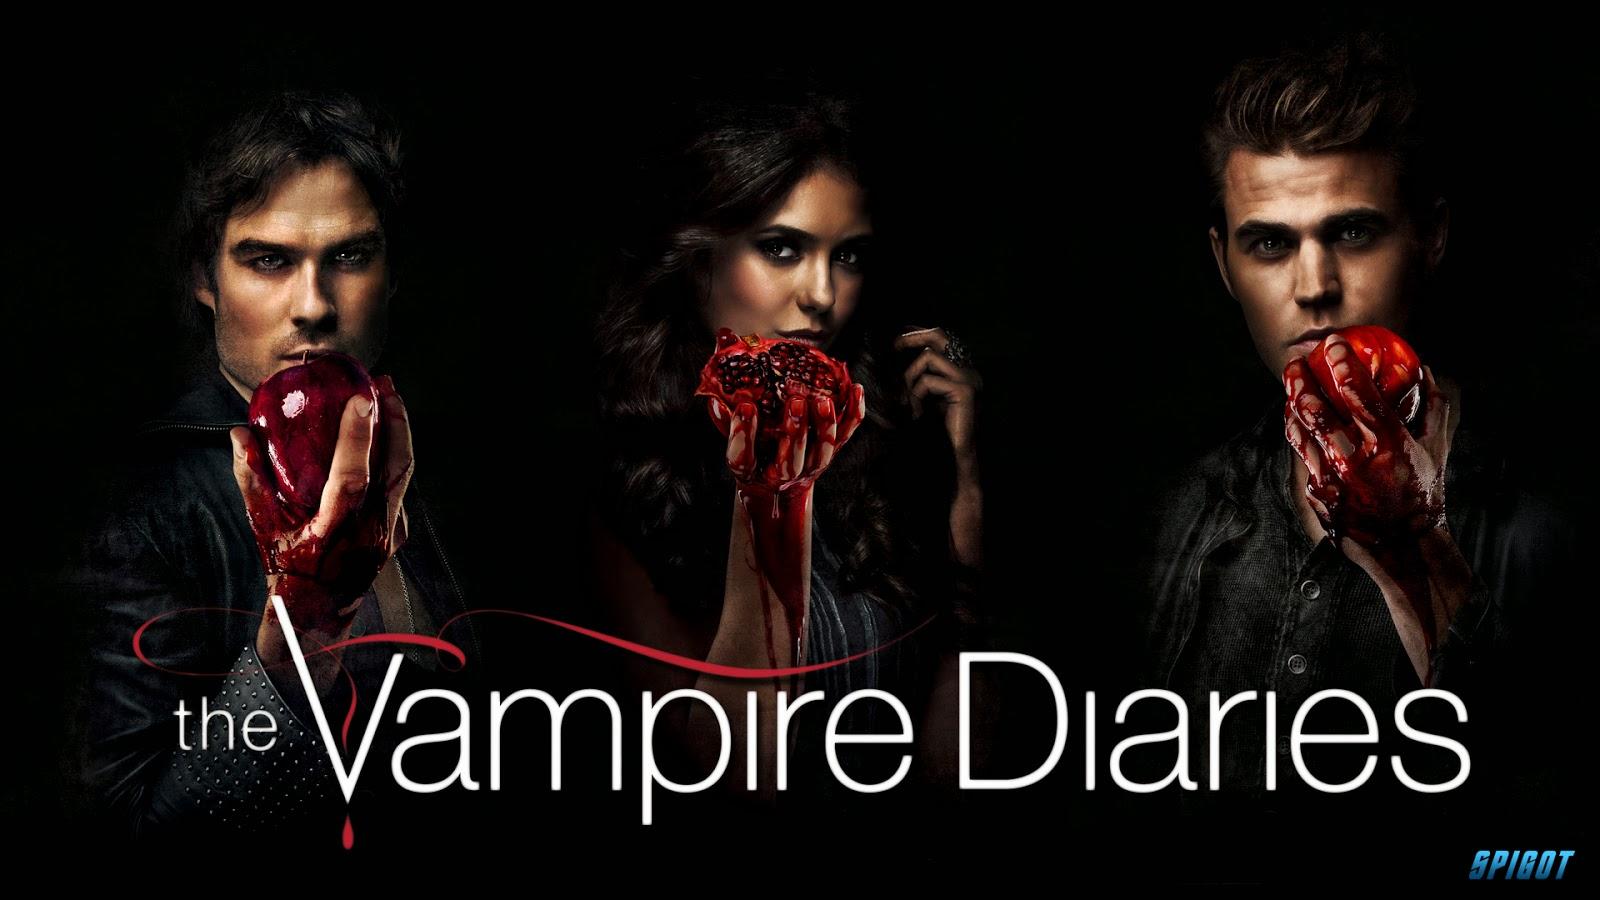 A imagem apresenta os personagens principais Damon,Stefan e Elena da série The Vampire Diaries.Eles estão segurando corações nas mãos.